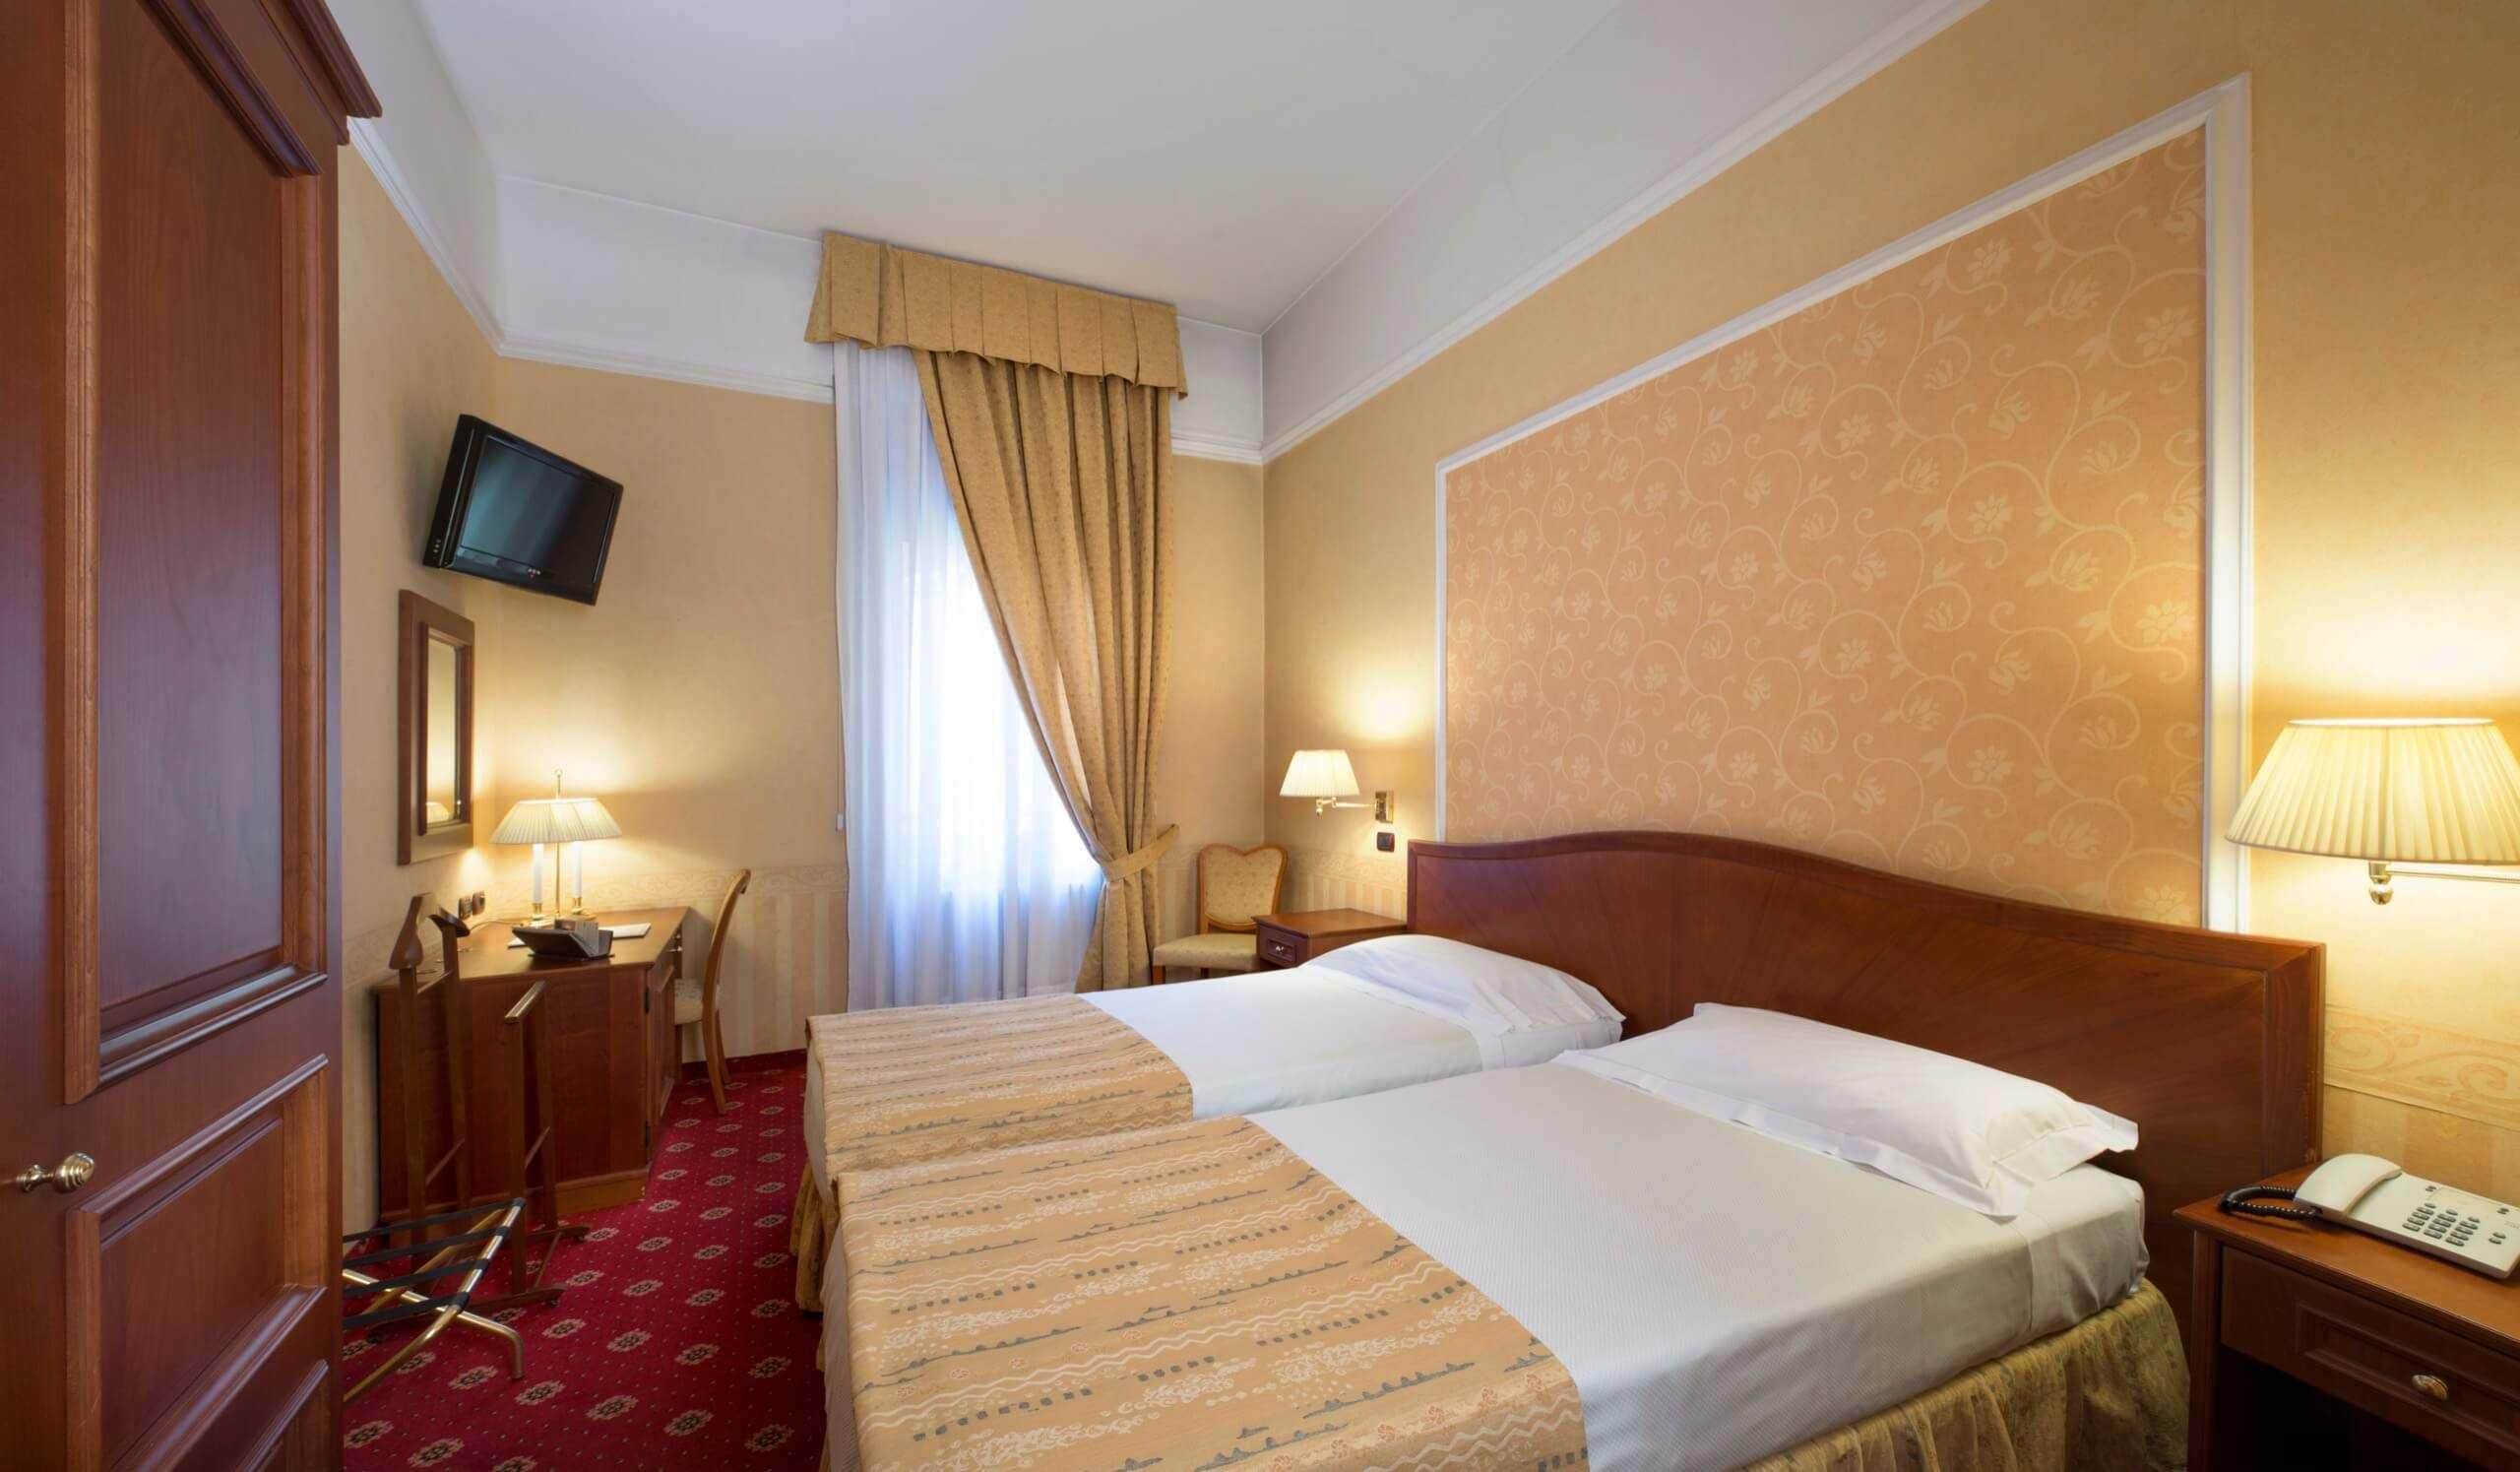 camera doppia classic hotel 3 stelle a milano lancaster